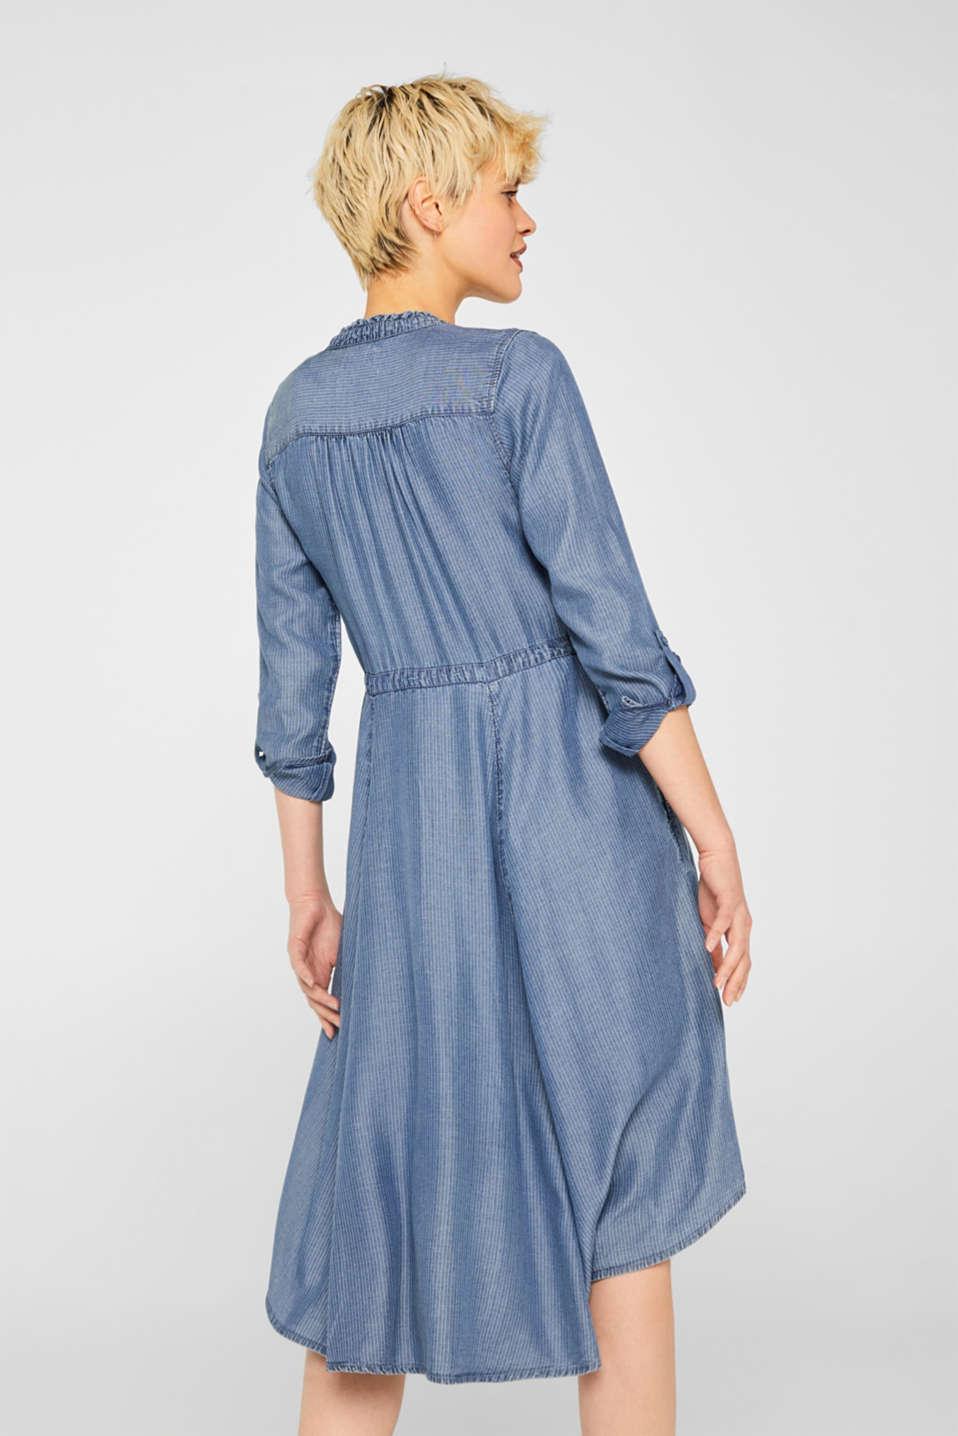 Dresses denim, BLUE LIGHT WASH, detail image number 2